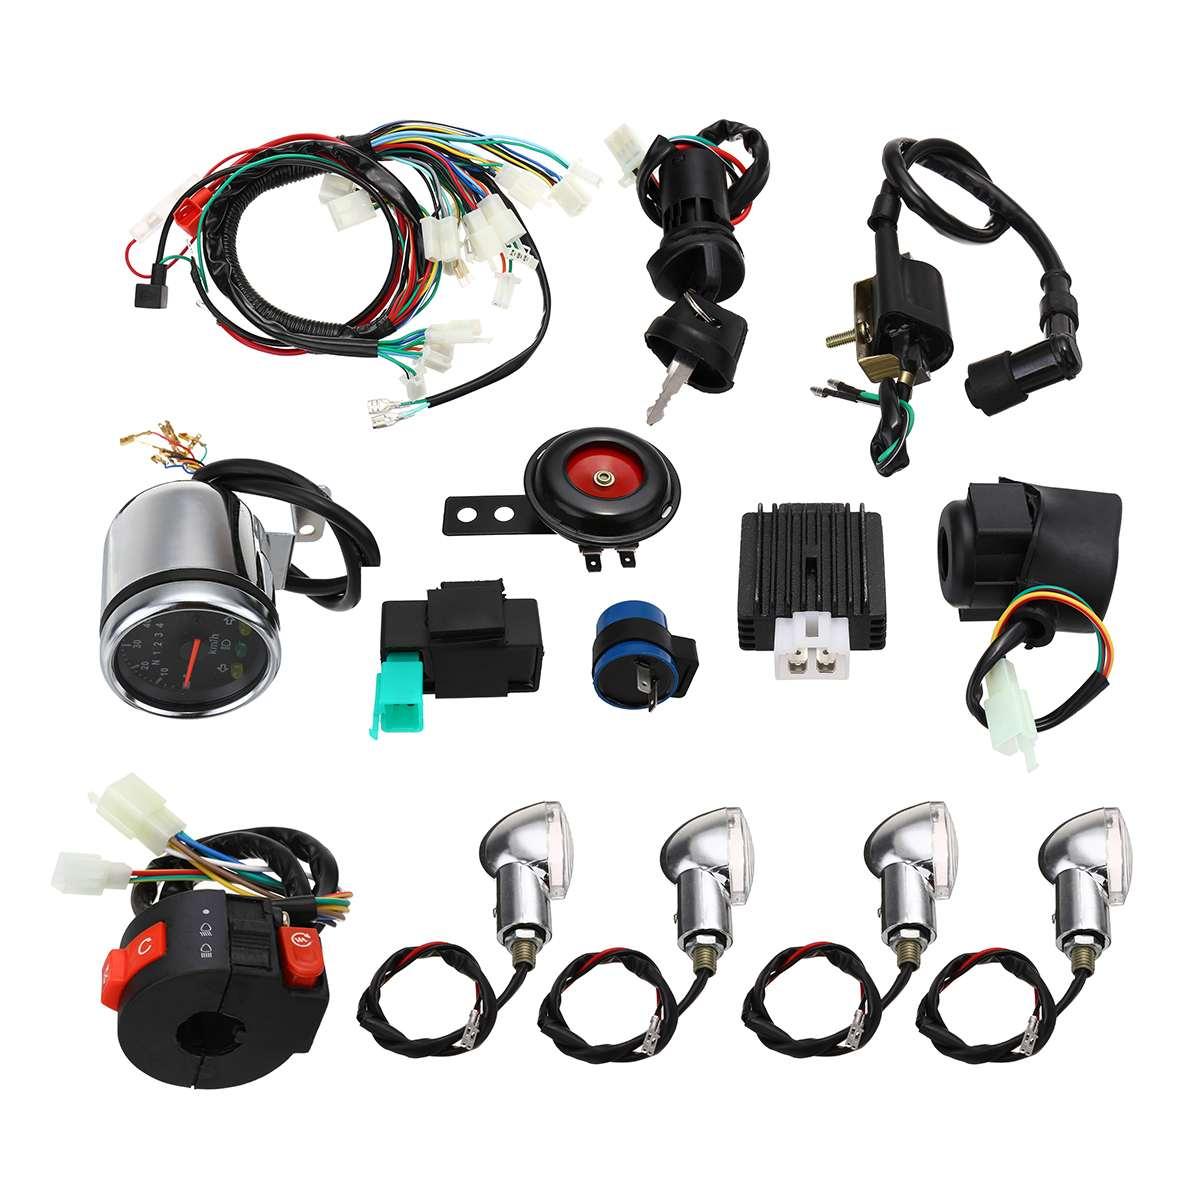 طقم أسلاك CDI للدراجات النارية ، طقم نول لـ 50cc 110cc 125cc Dirt Pit Bike ATV Quad Go-kart